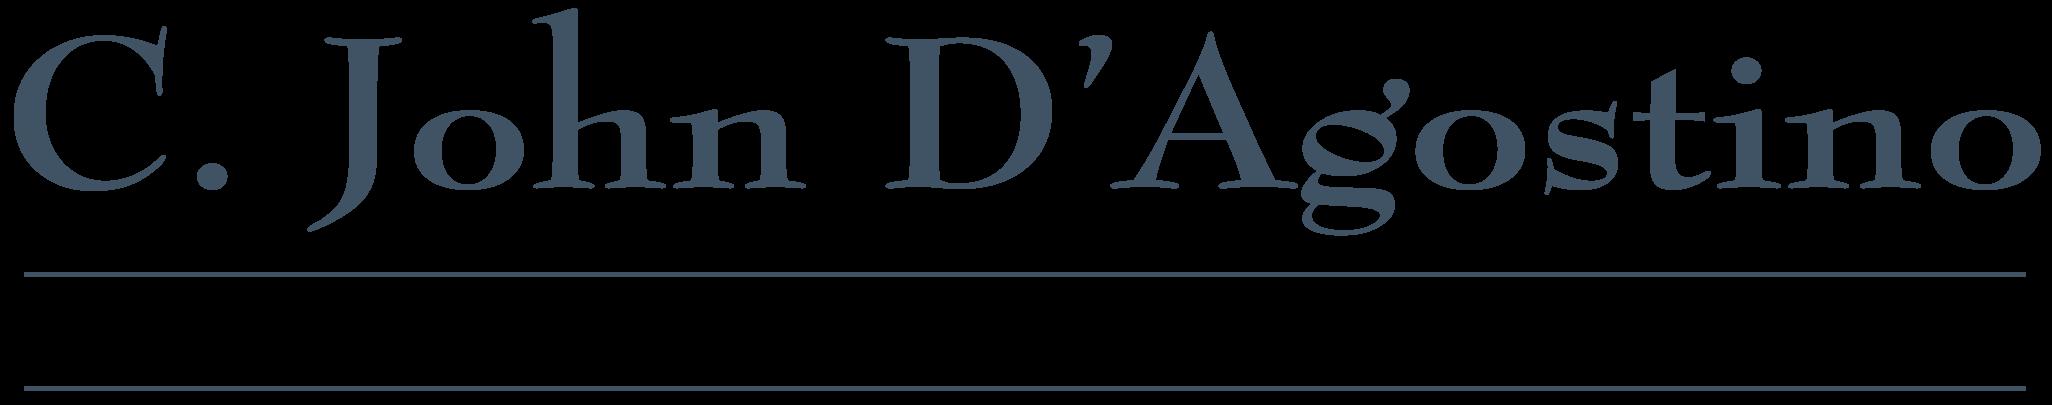 D'Agostino & Associates